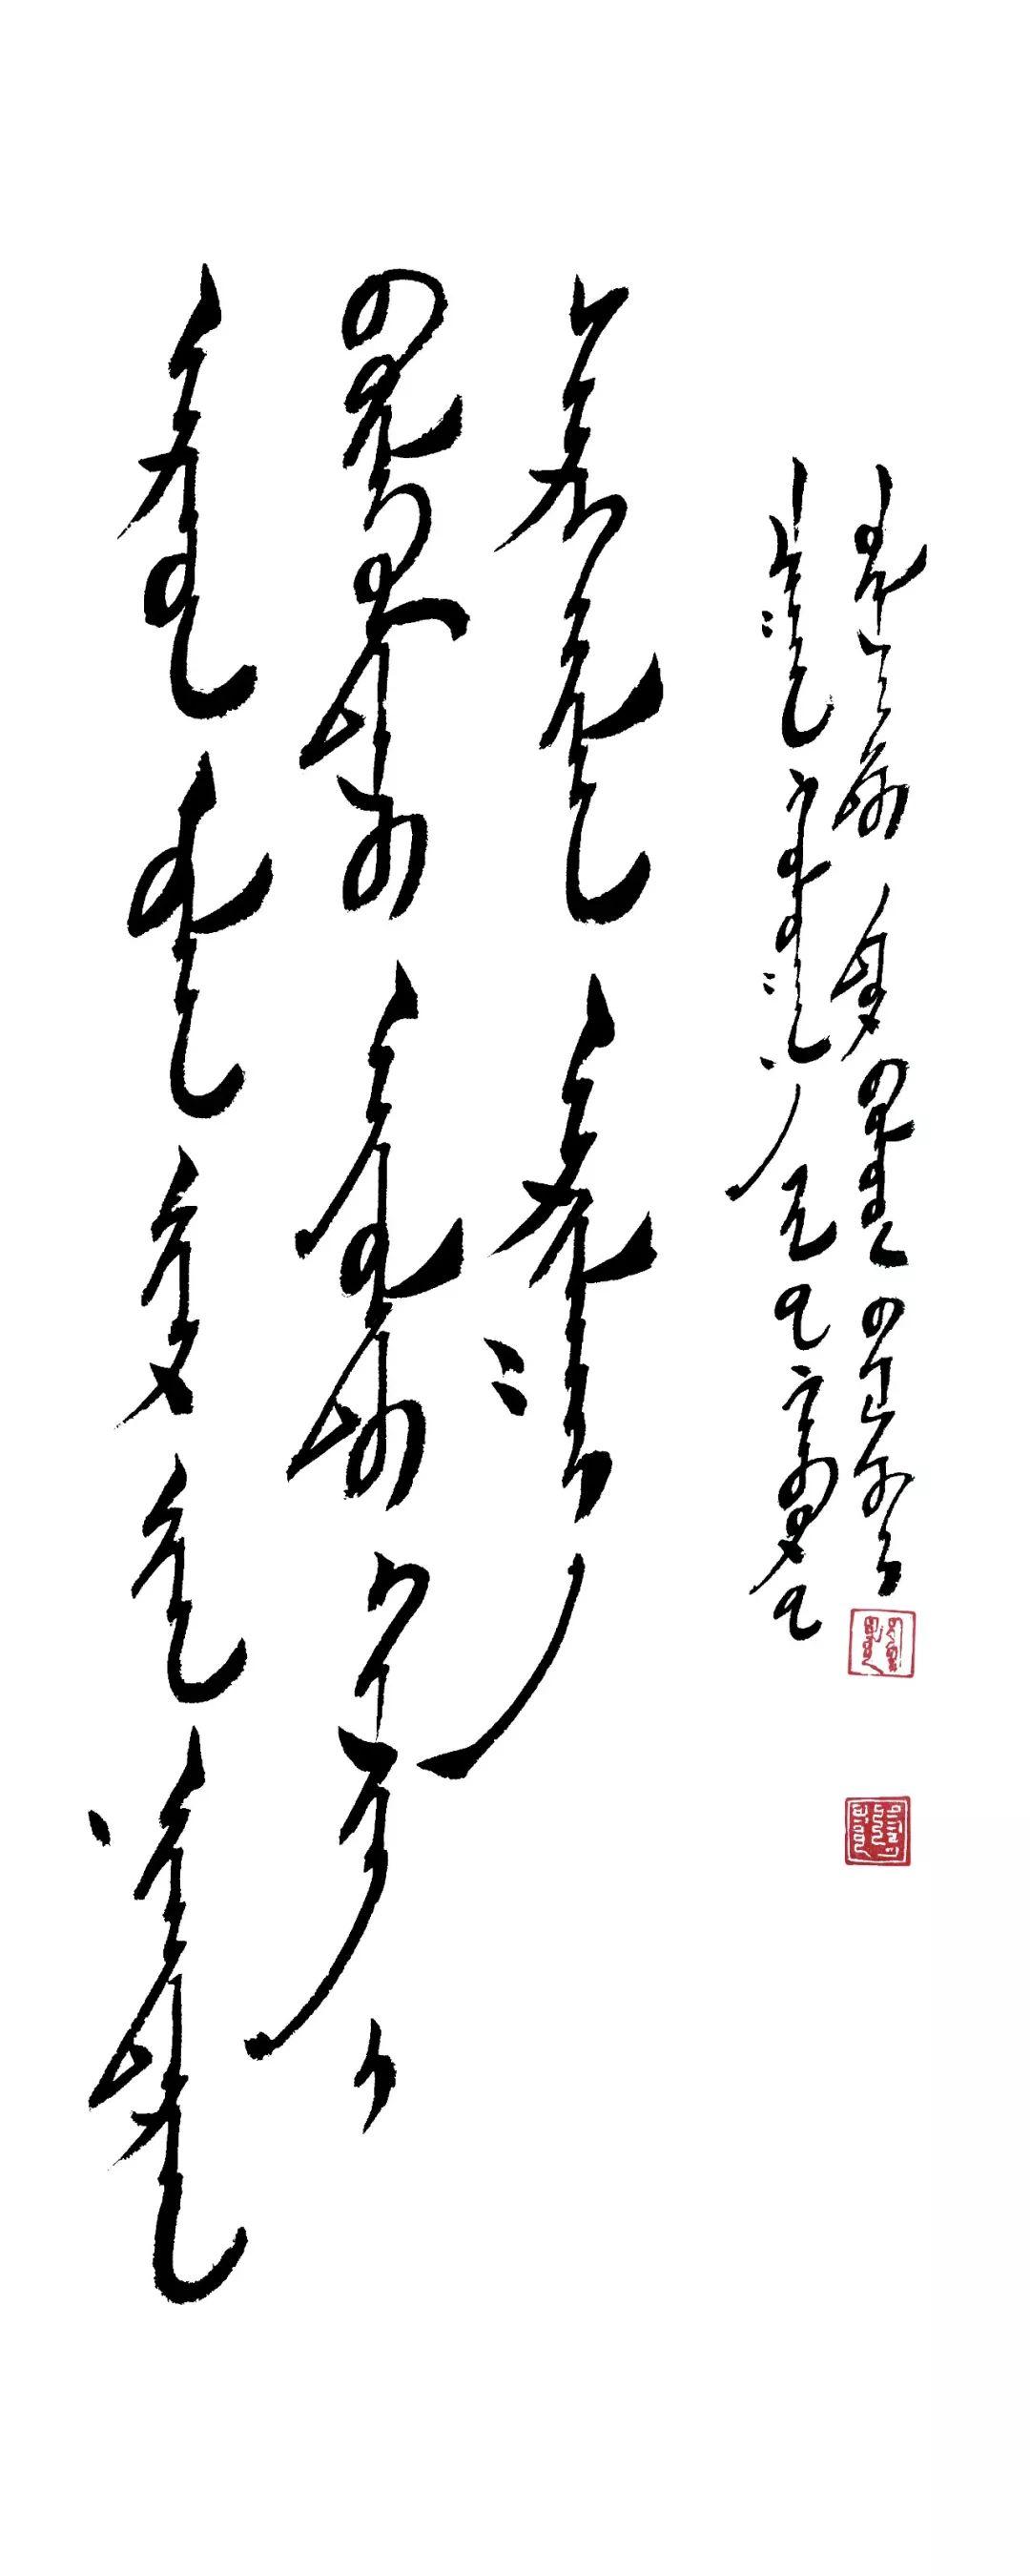 内蒙古书法家在行动:笔墨凝斗志,作品助抗疫 第19张